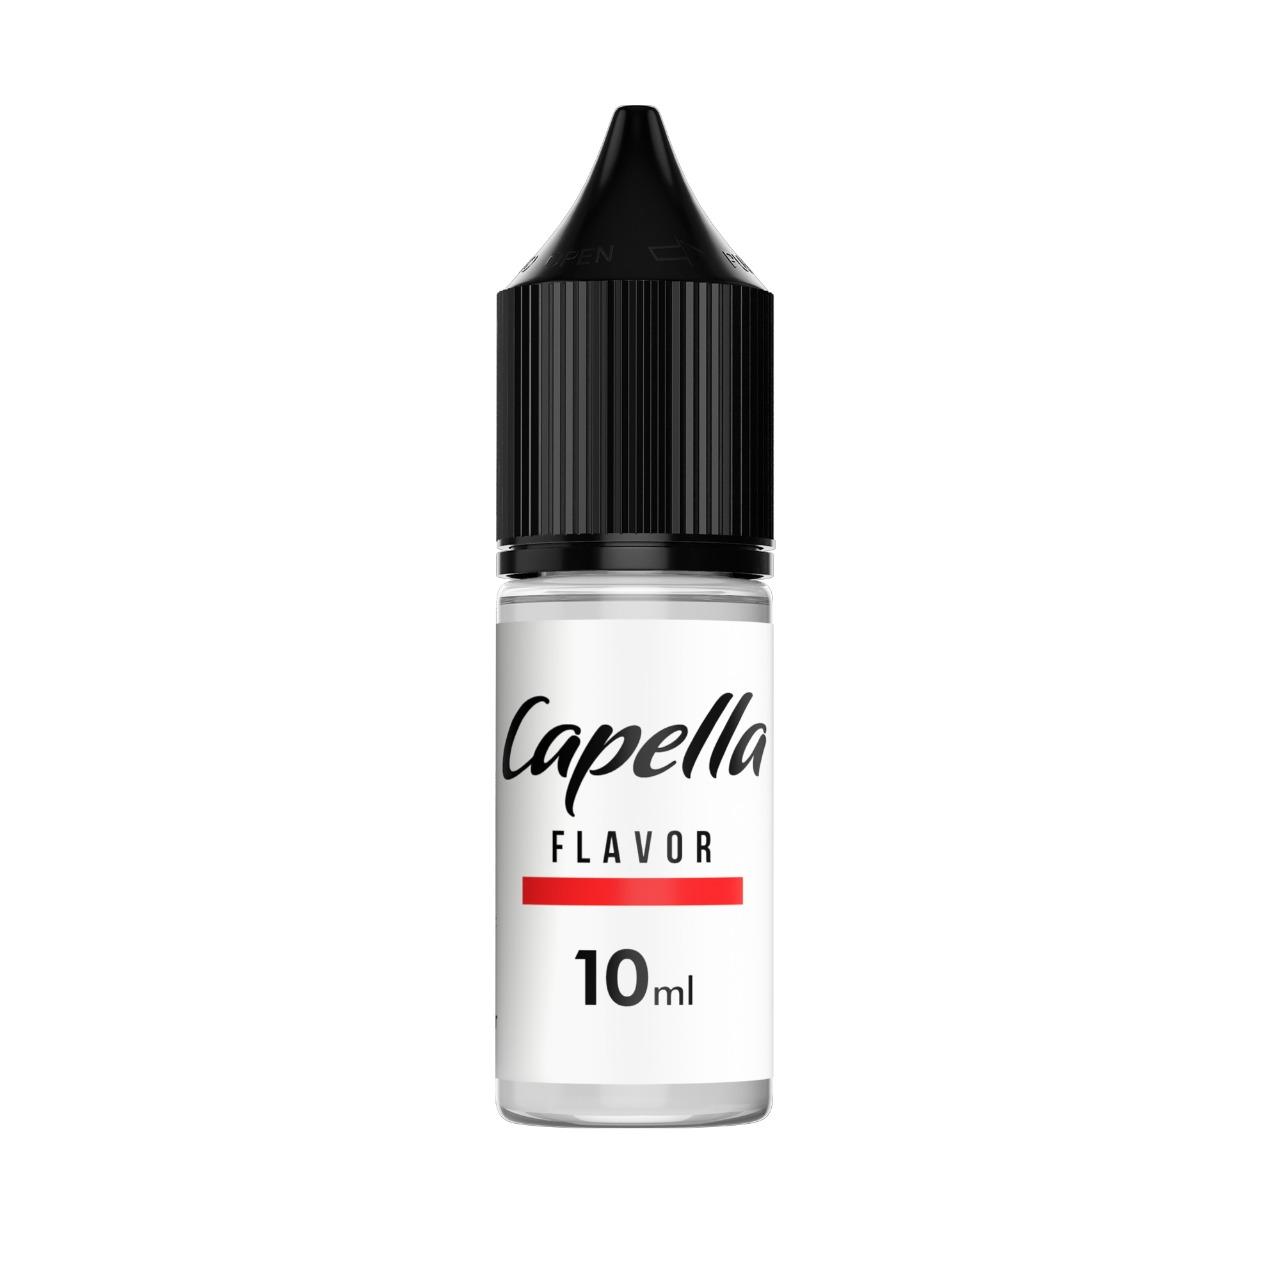 Capella (CAP) Cinnamon Danish Swirl 10ml